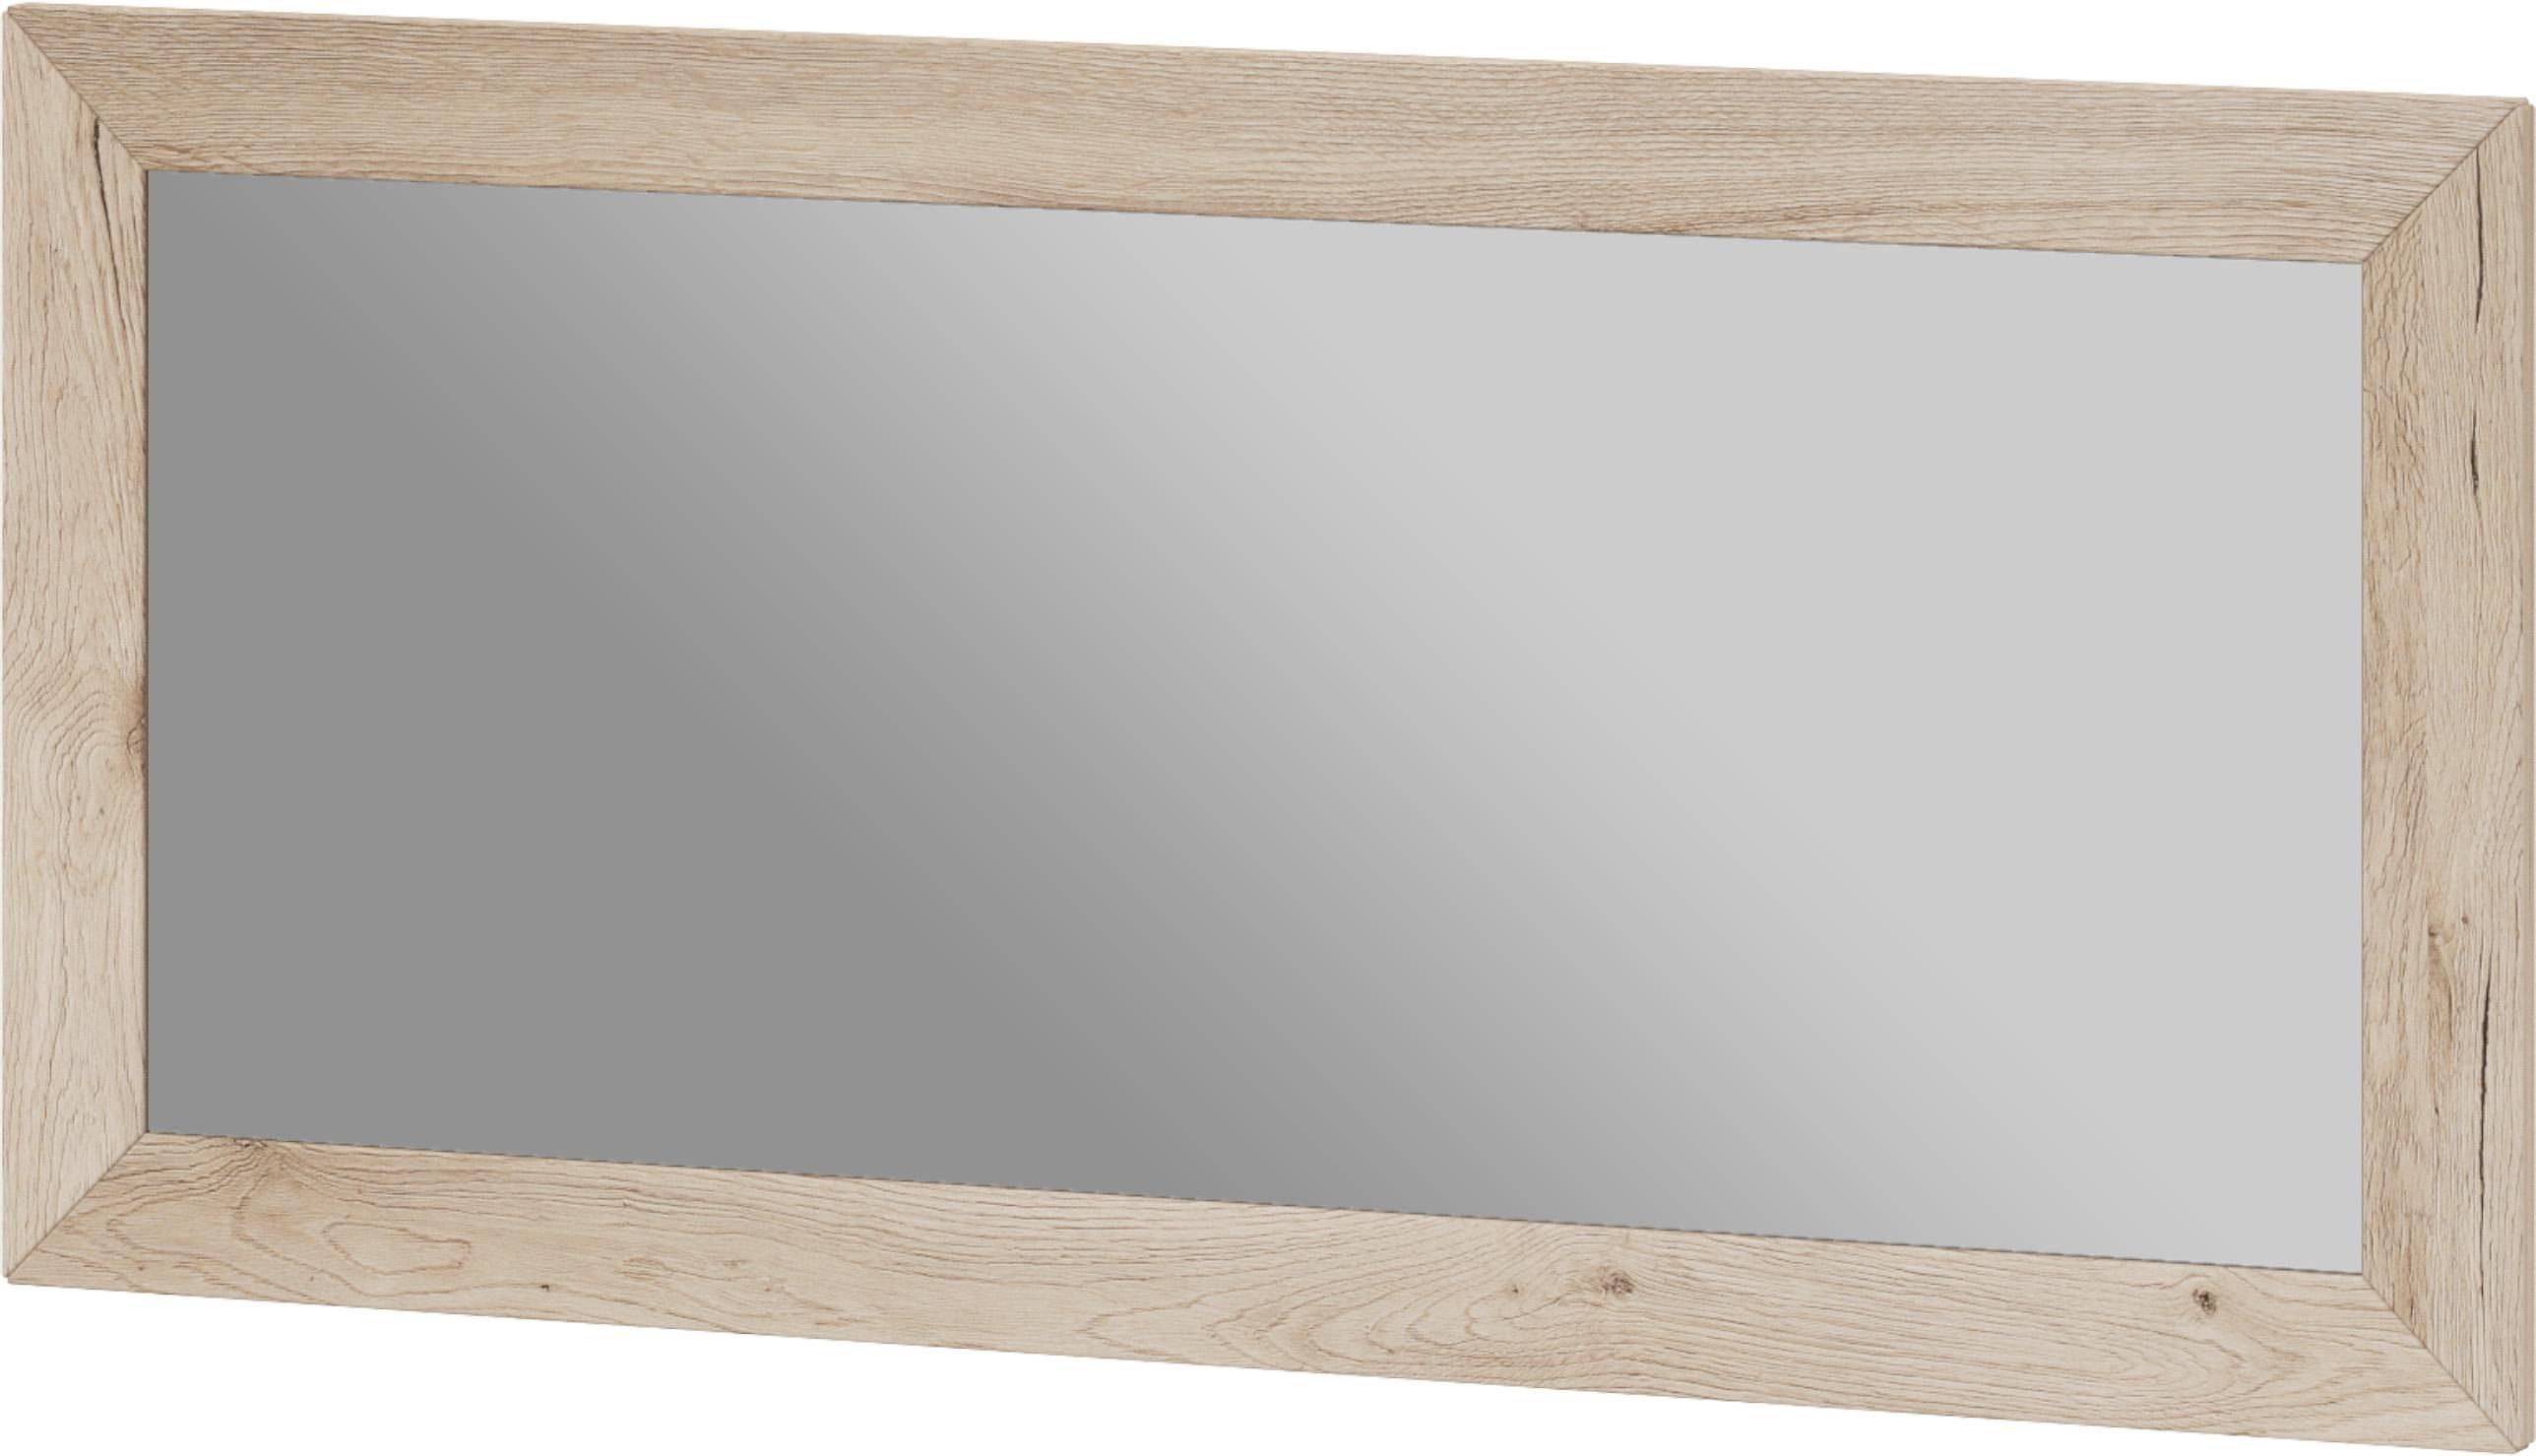 set one by Musterring Spiegel mit Rahmen »Oakland«, San Remo Sand, Breite 125 cm